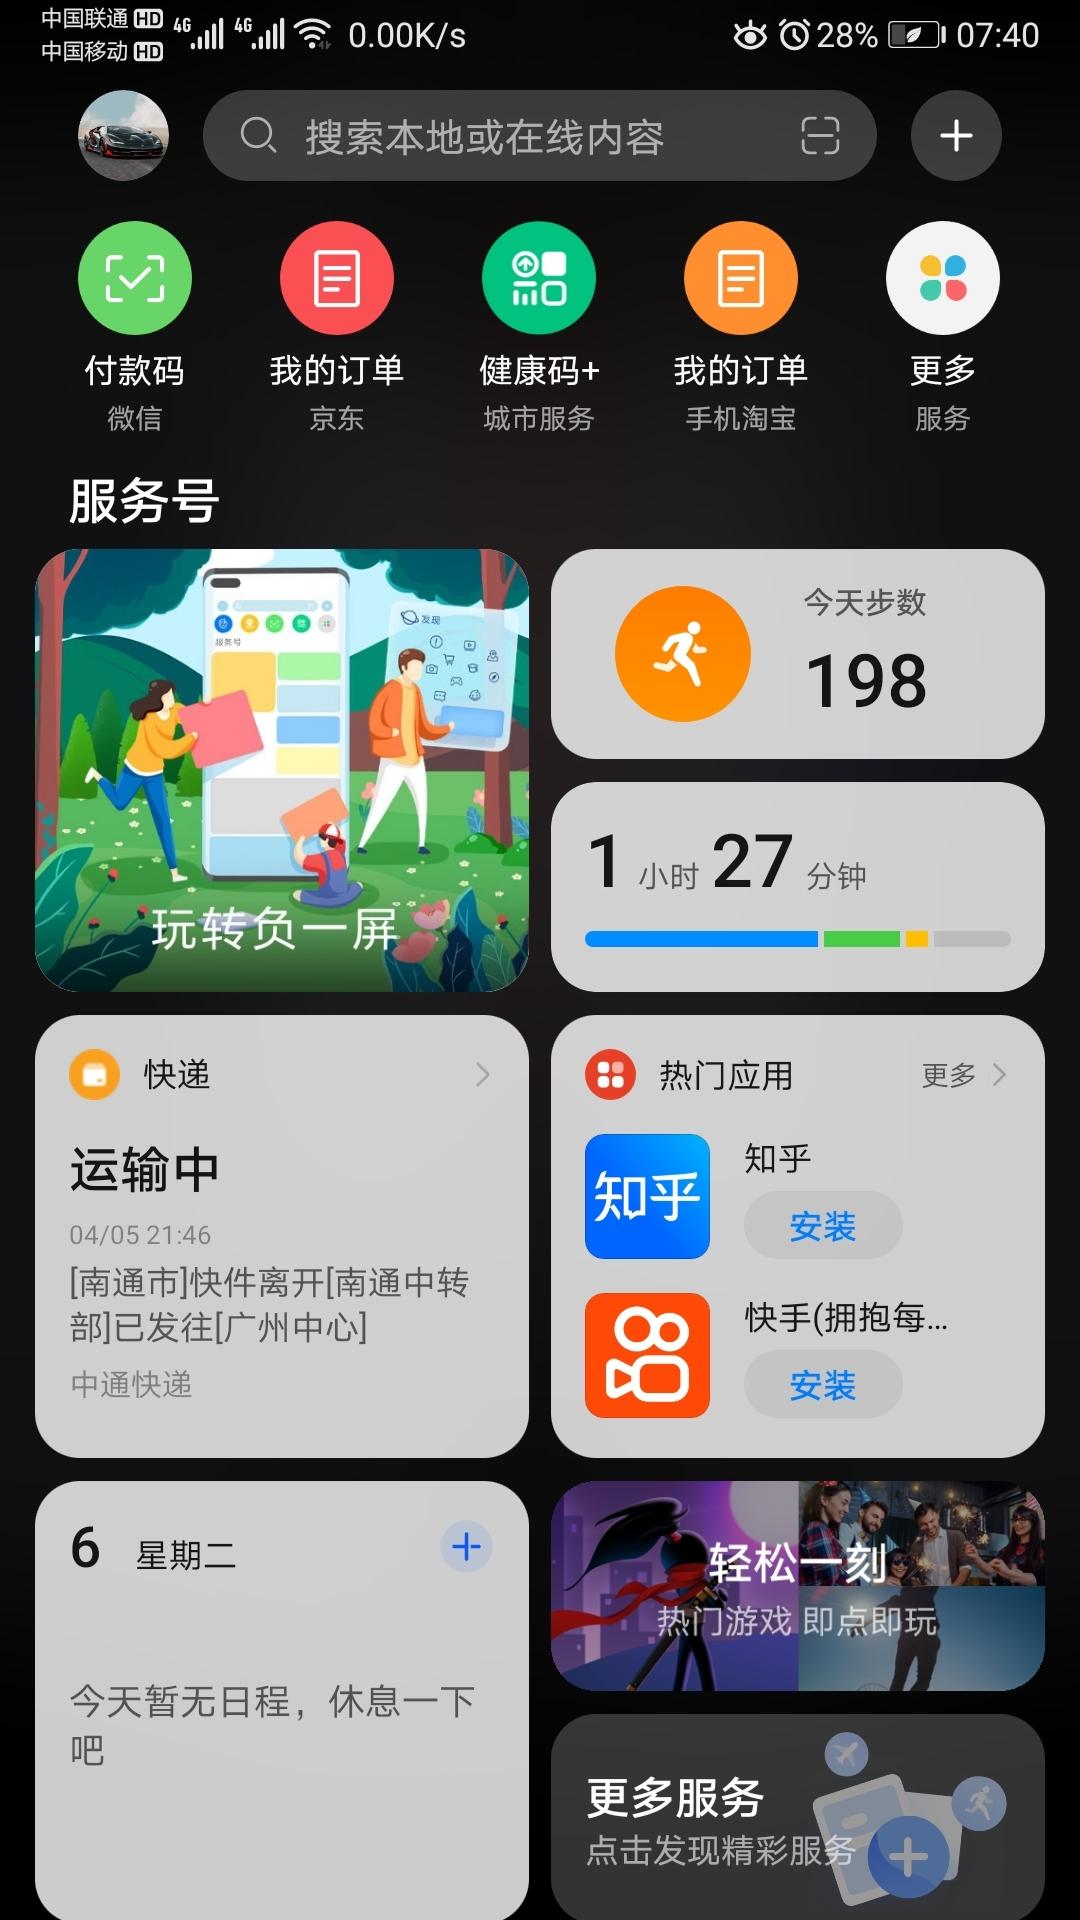 Screenshot_20210406_074047_com.huawei.android.launcher.jpg